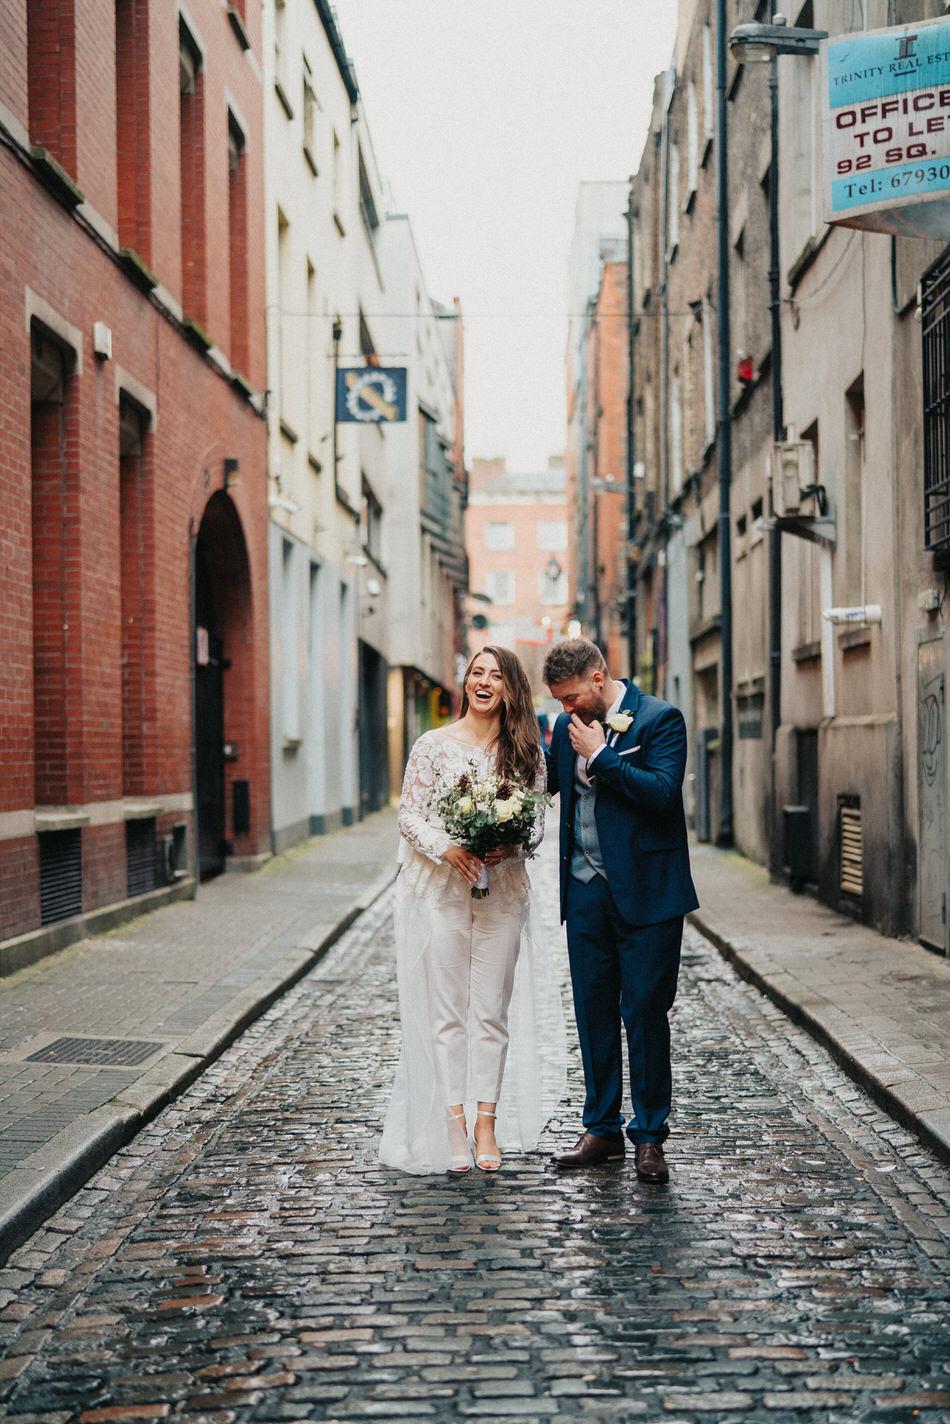 City-hall-dublin-wedding-photos-99 98